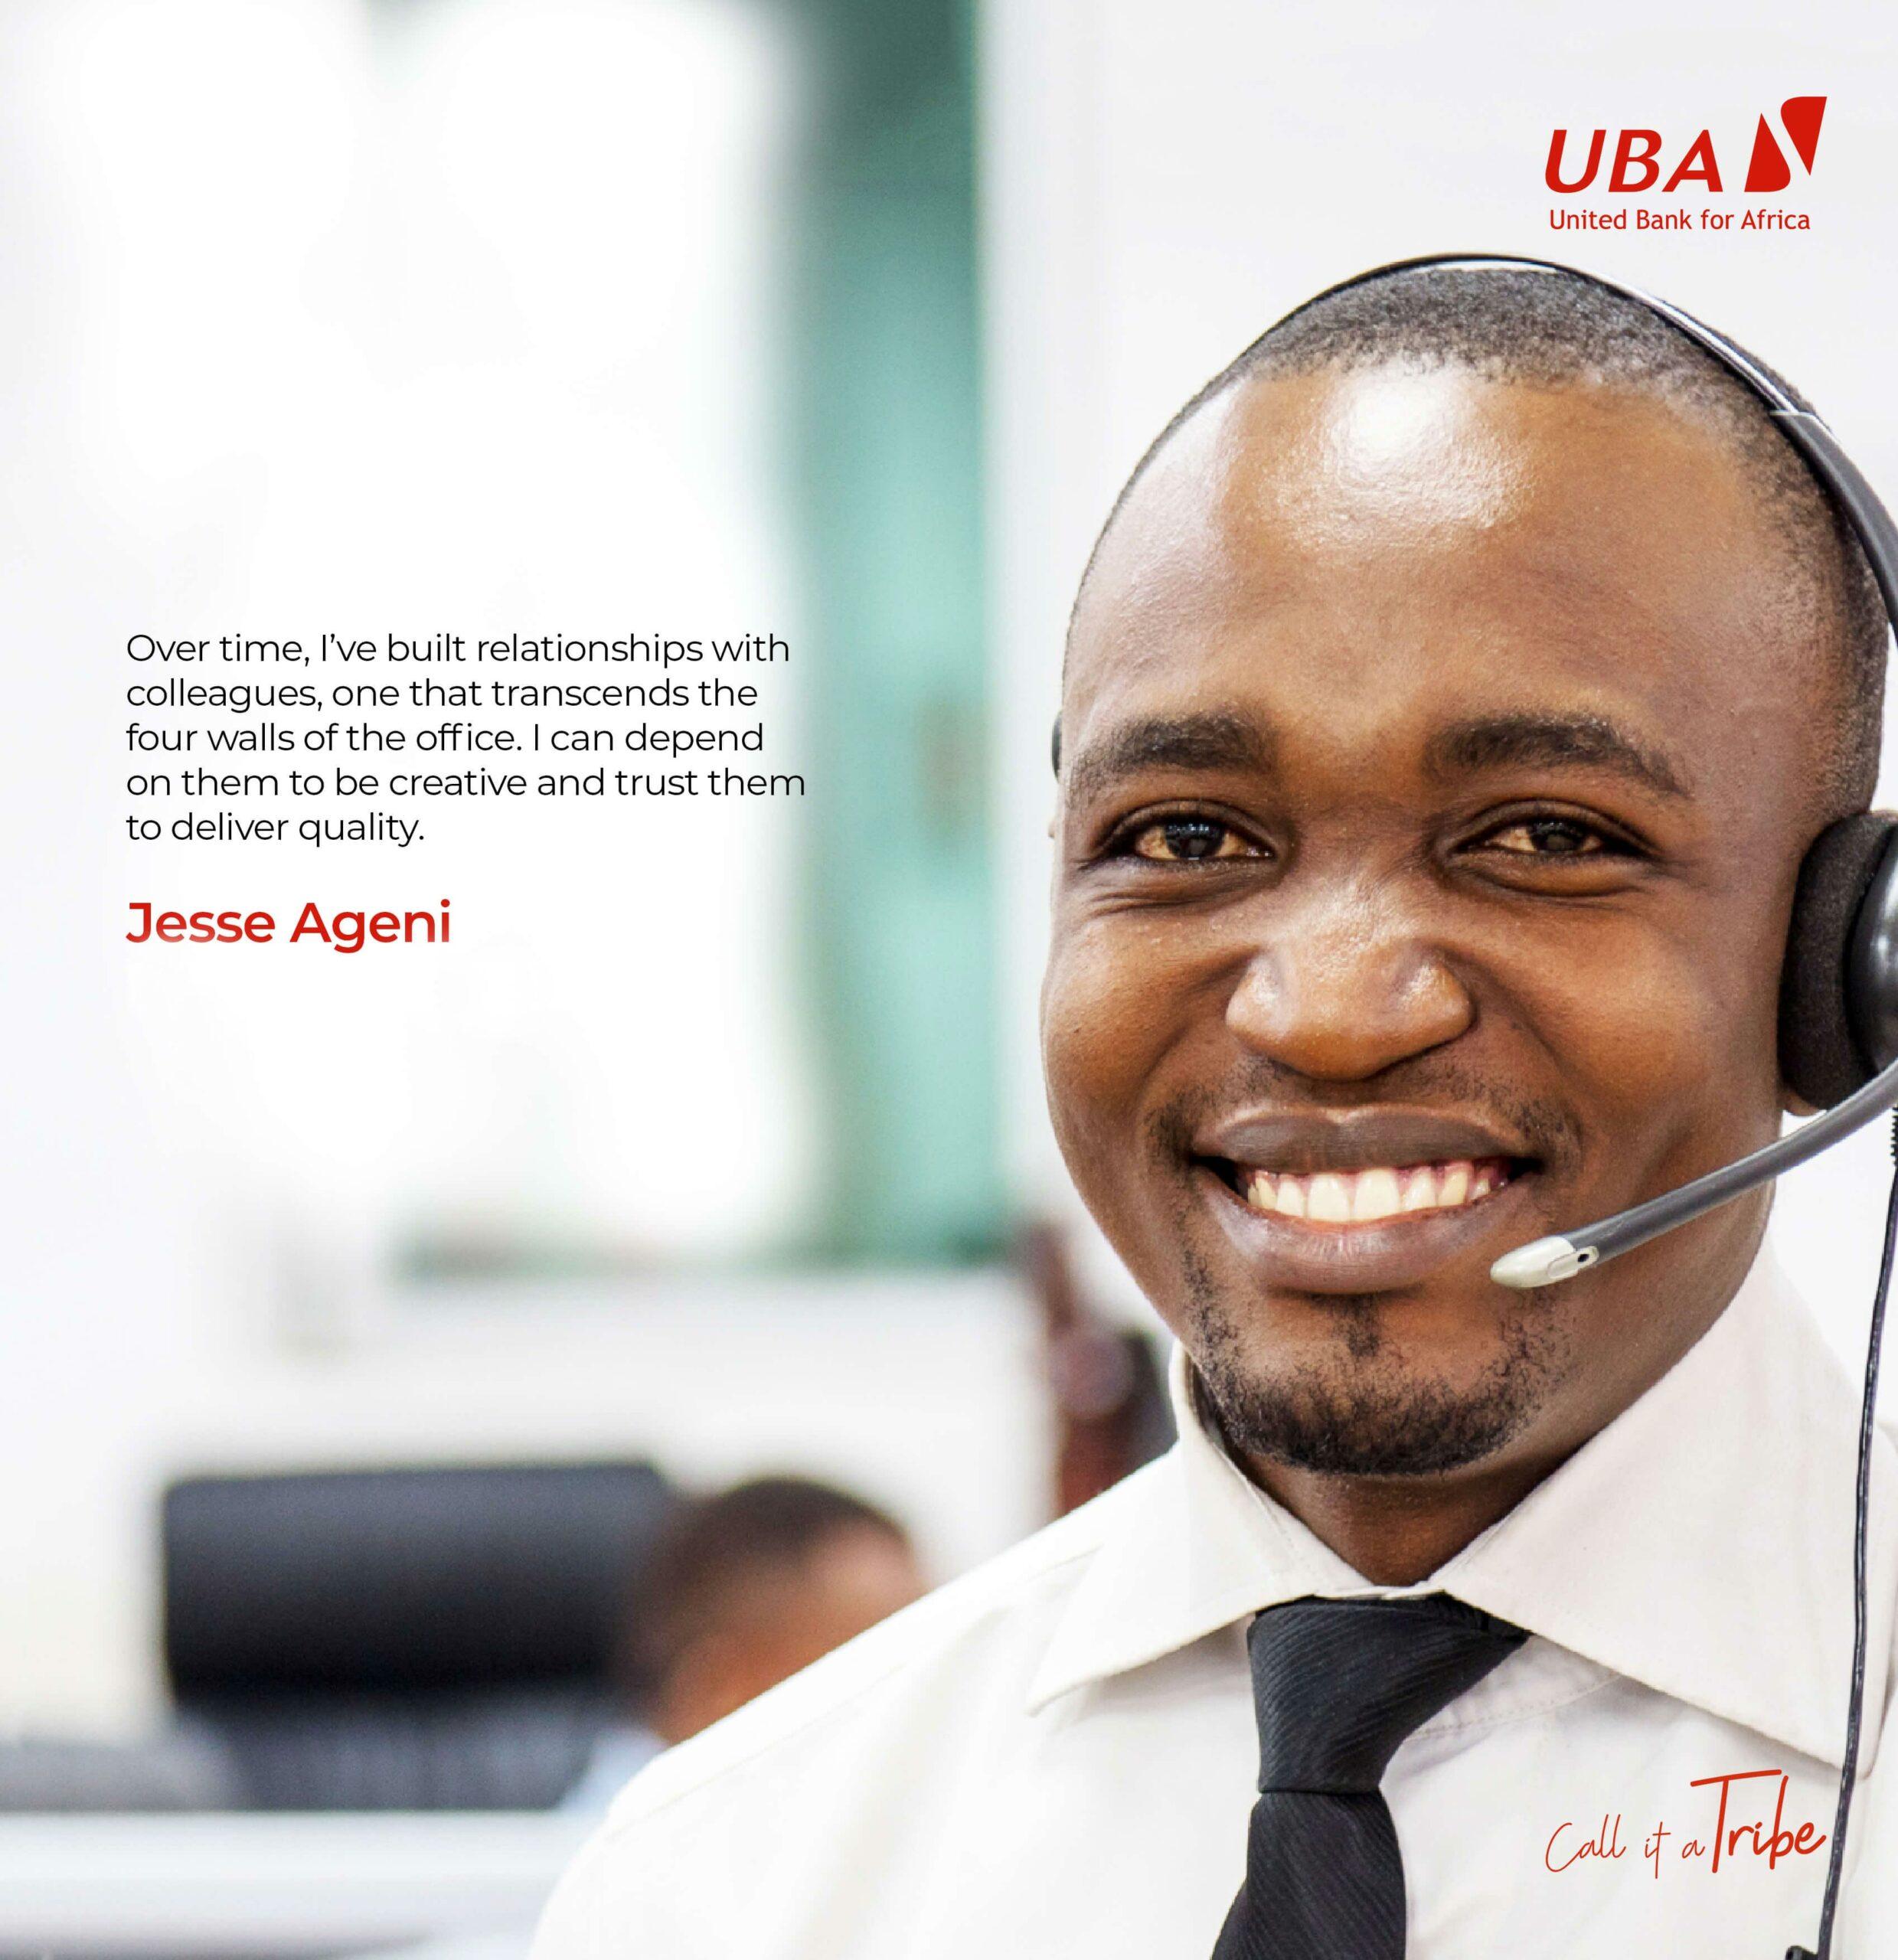 uba-career